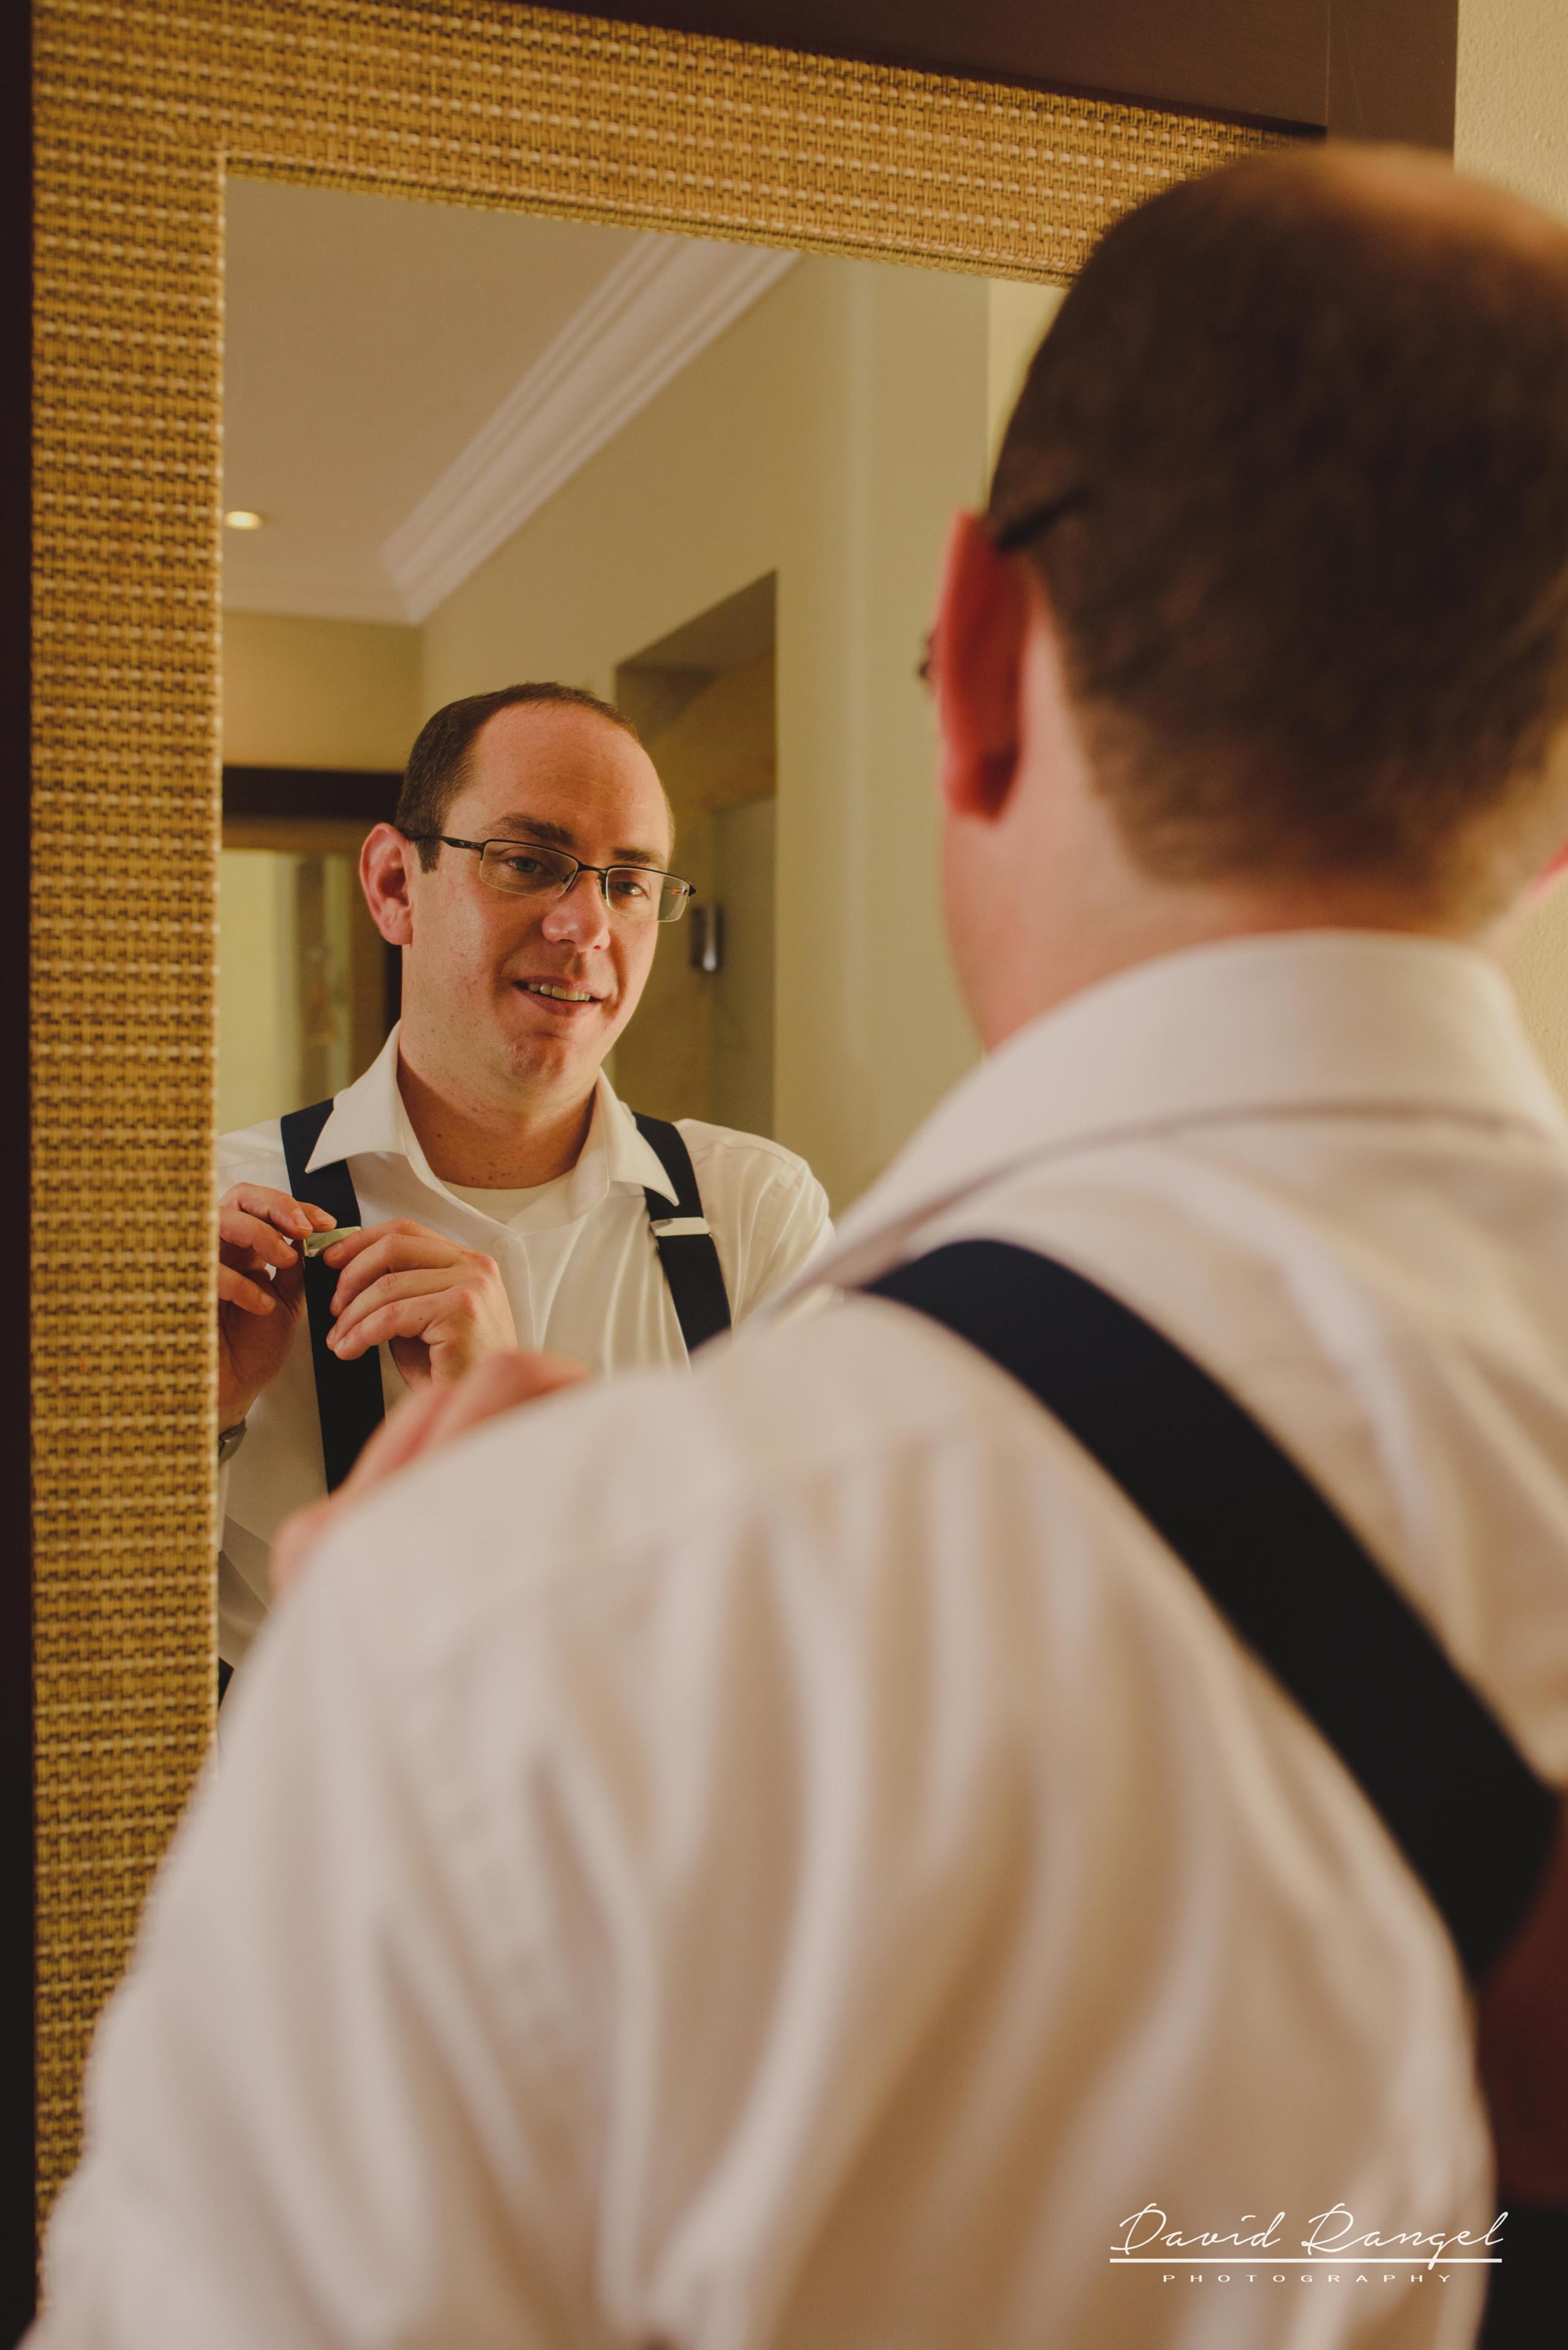 groom+groomsmens+getting+ready+room+photo+suit+crew+mirror